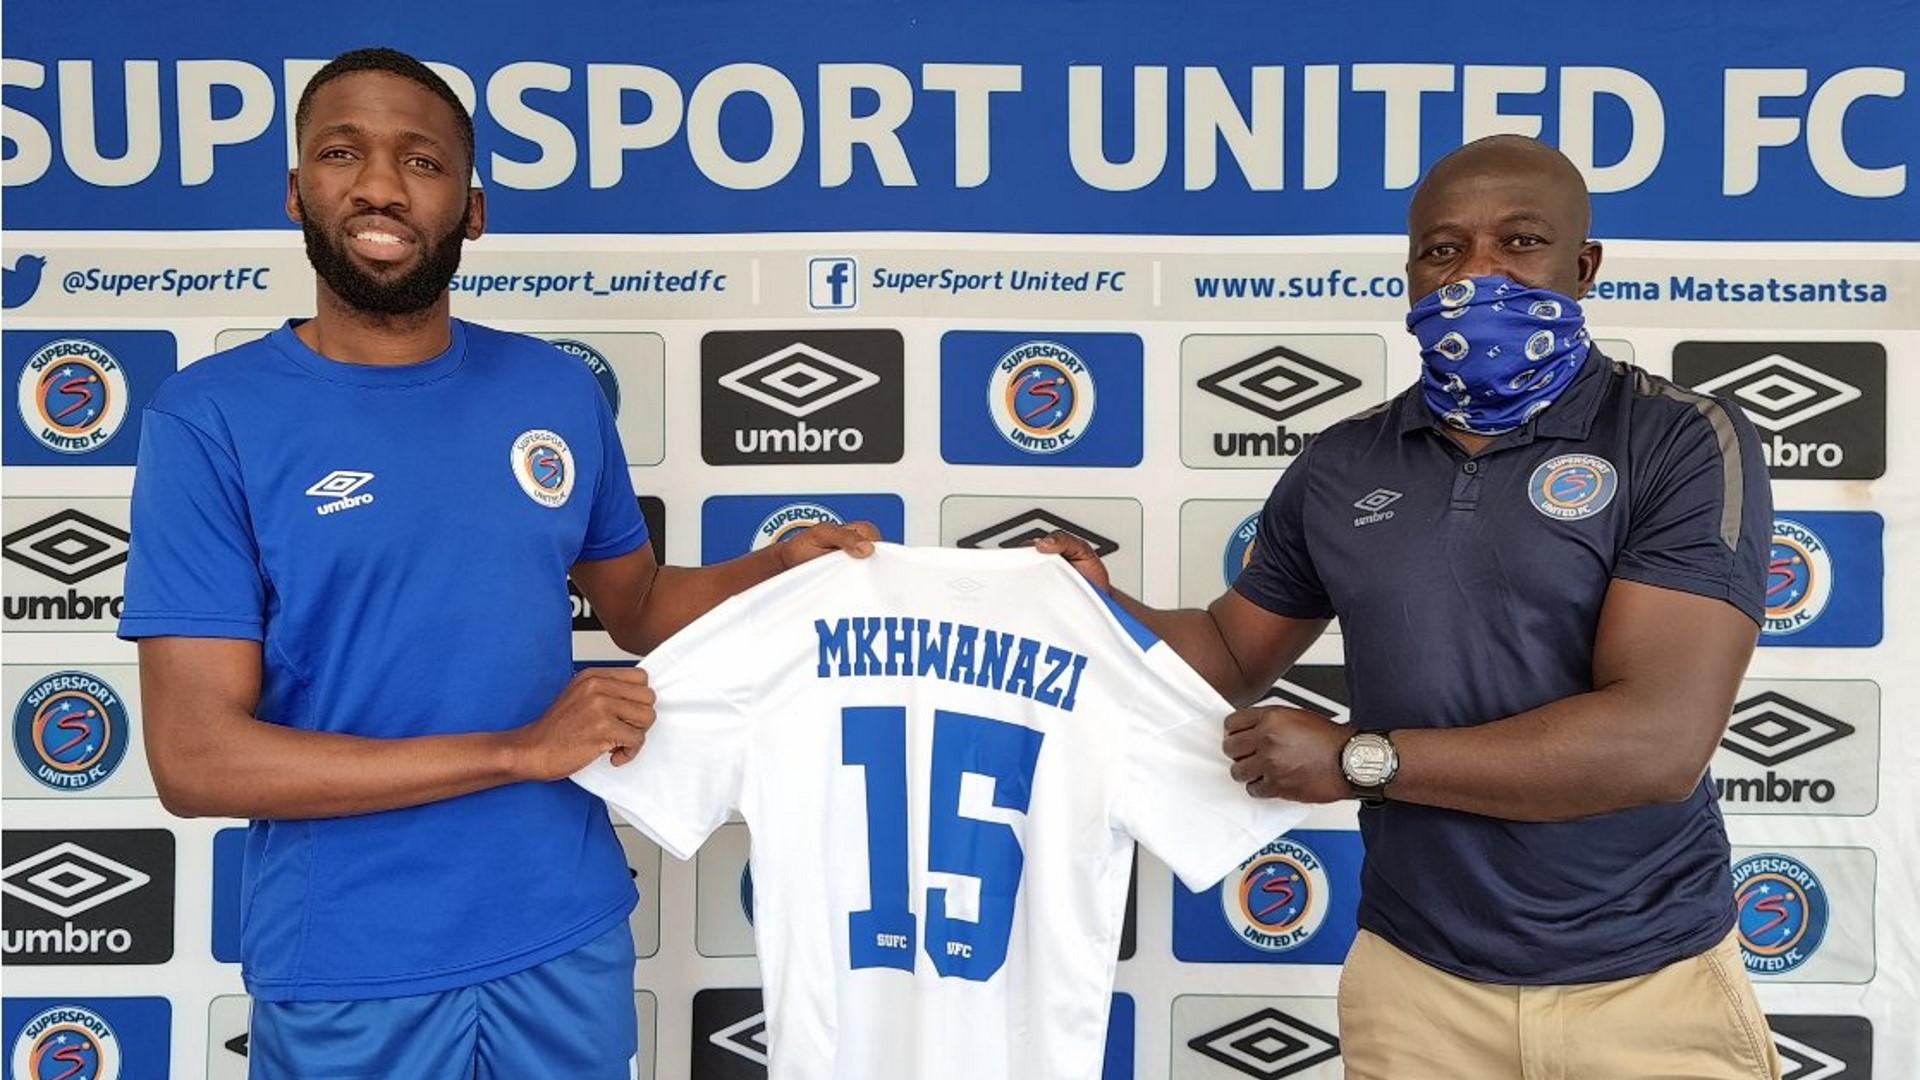 Mkhwanazi: SuperSport United sign Bafana Bafana defender